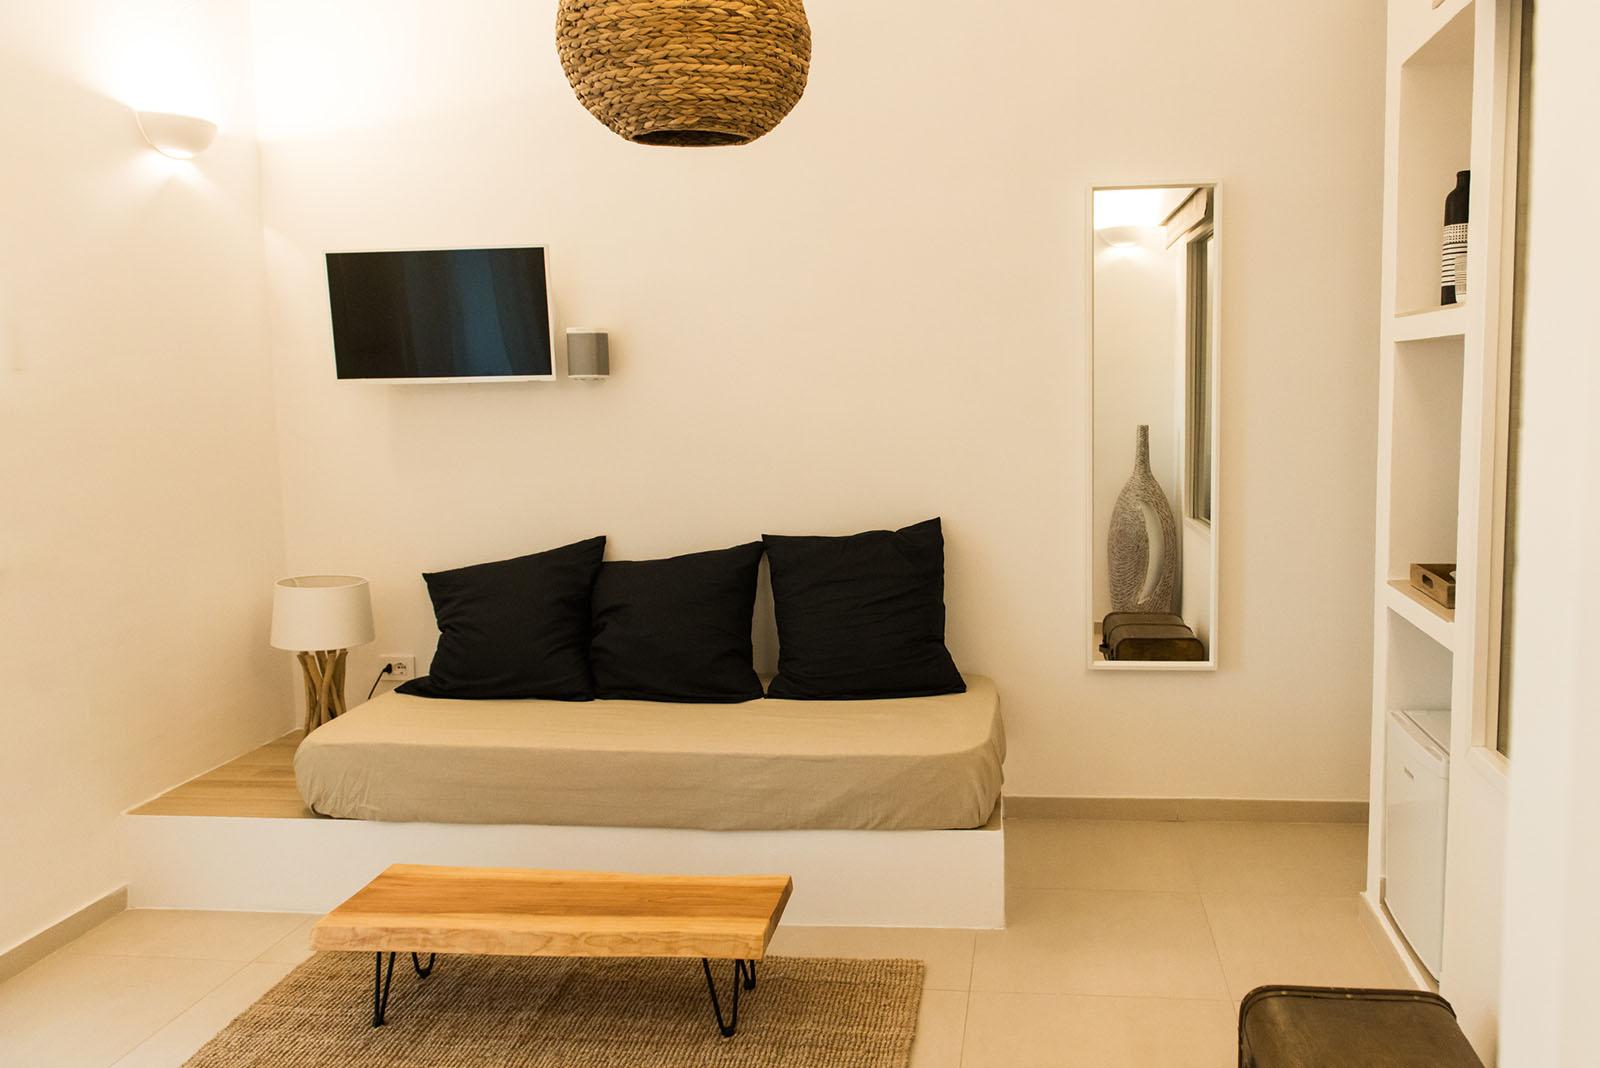 bed and breakfast agropoli progettazione architettonica domotica salerno break for two mare sea room 4 b&b